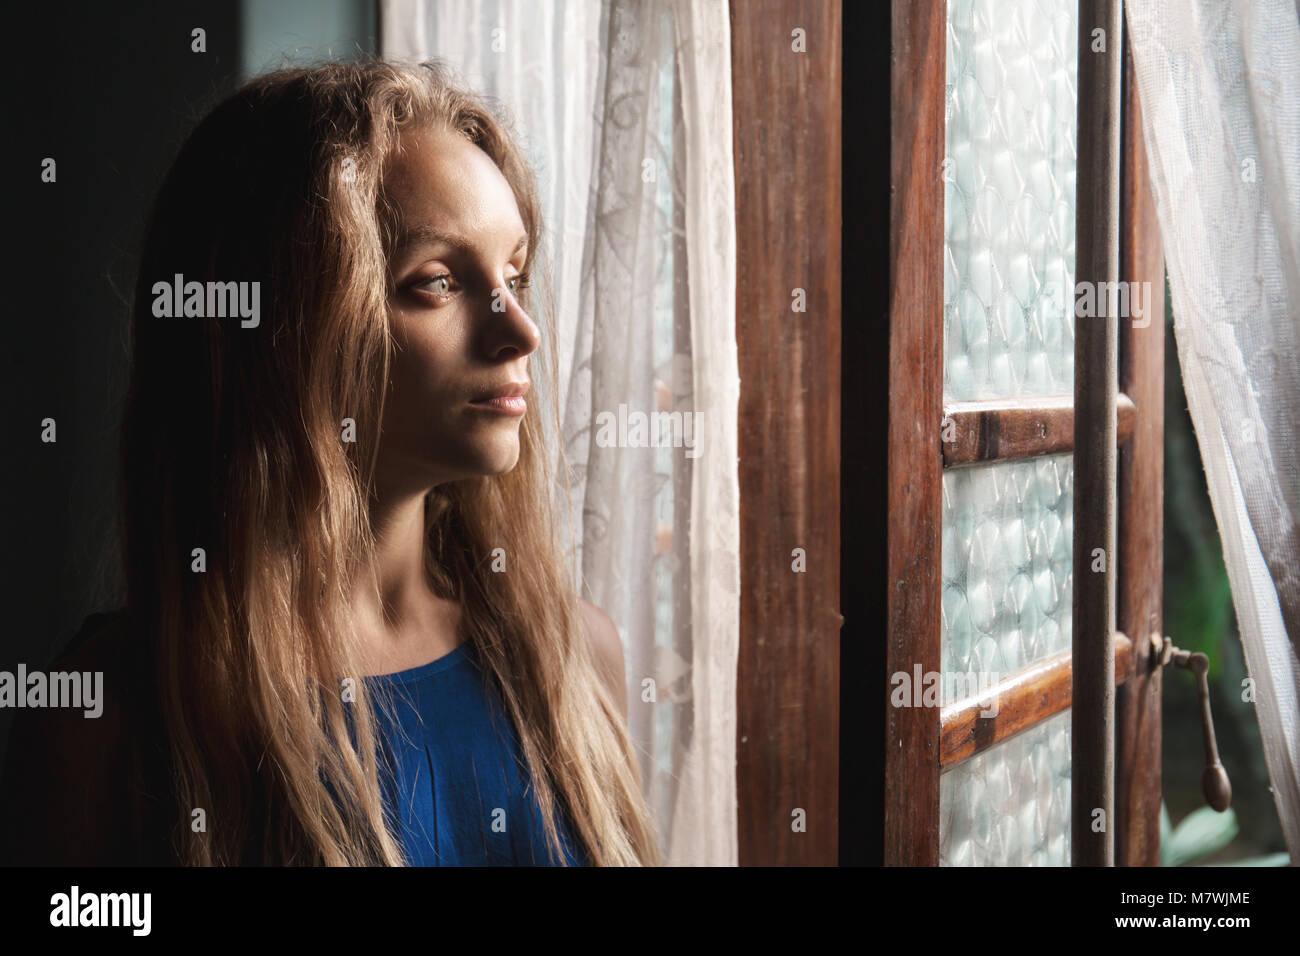 Die Frau in der Nähe eines Fensters Stockfoto